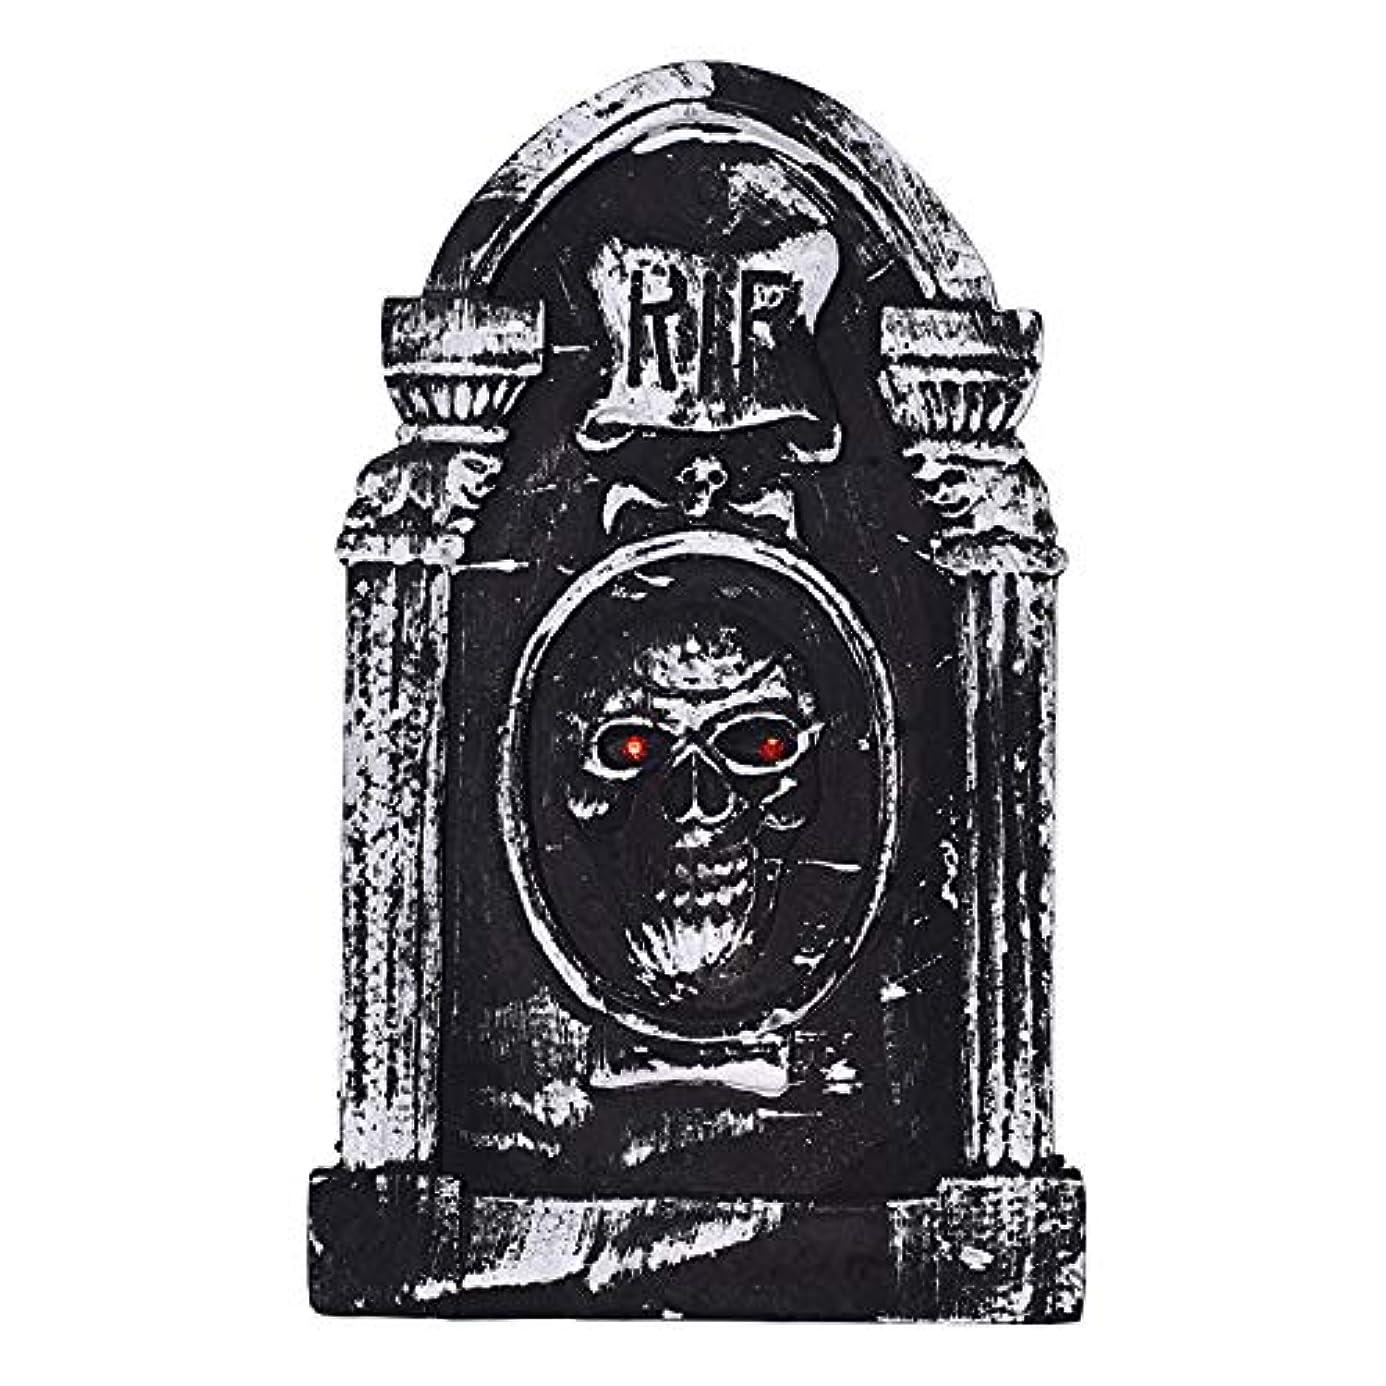 カテゴリー長椅子ピービッシュETRRUU HOME ハロウィーンステレオトゥームストーンバーお化け屋敷タトゥーショップシークレットルームシミュレーション恐怖悪装飾的な小道具